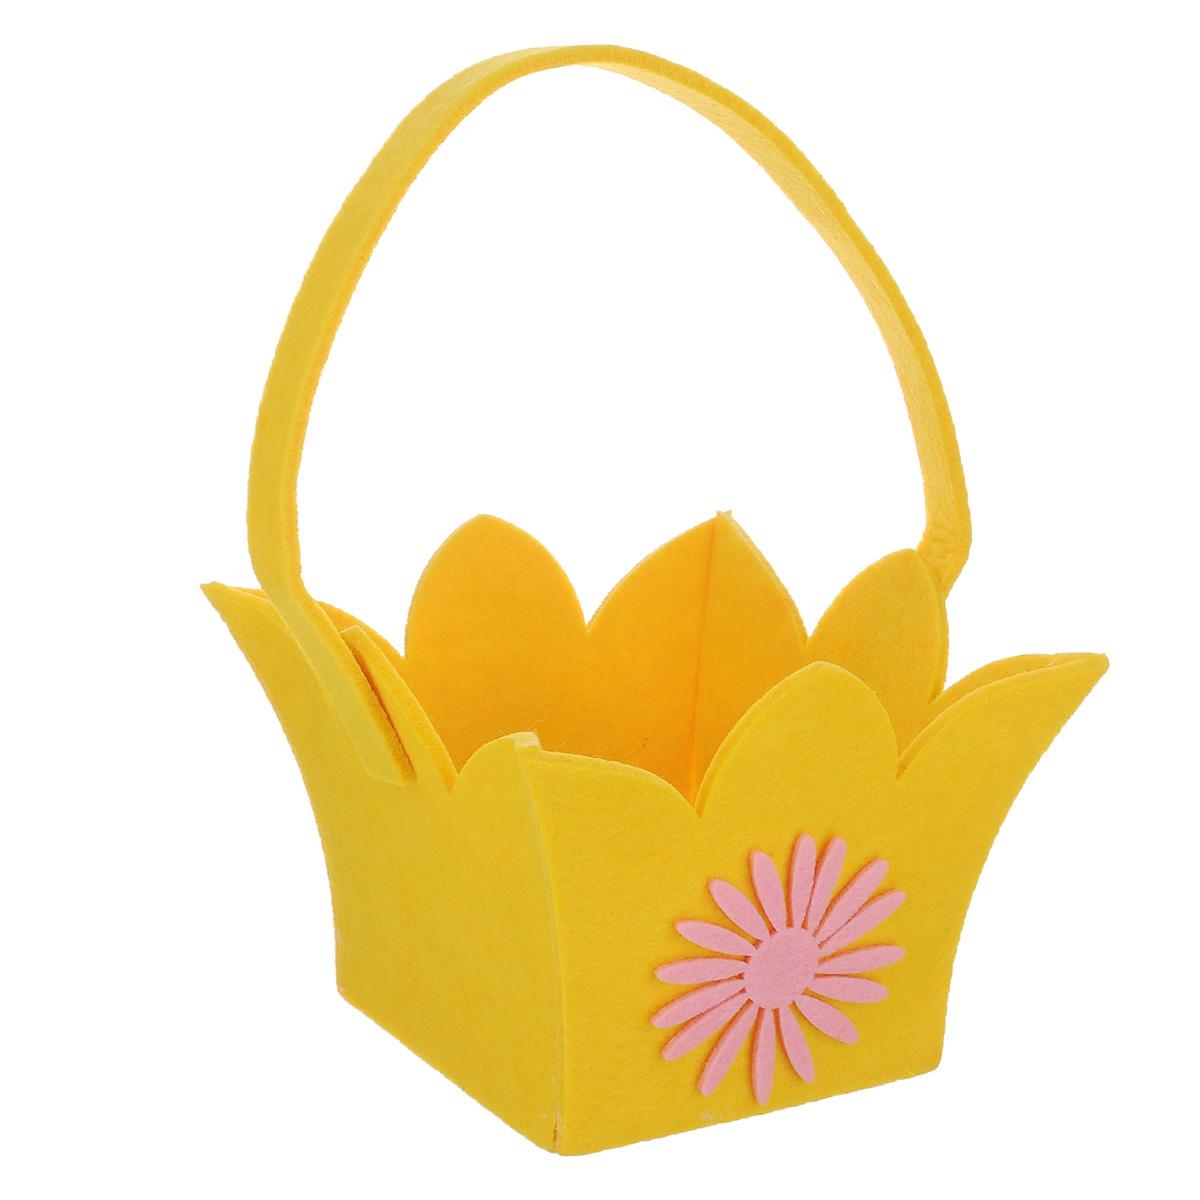 Корзинка Home Queen Лилия, цвет: желтый, 14 х 14 х 12 см мочалка из нейлона home queen цвет желтый 57199